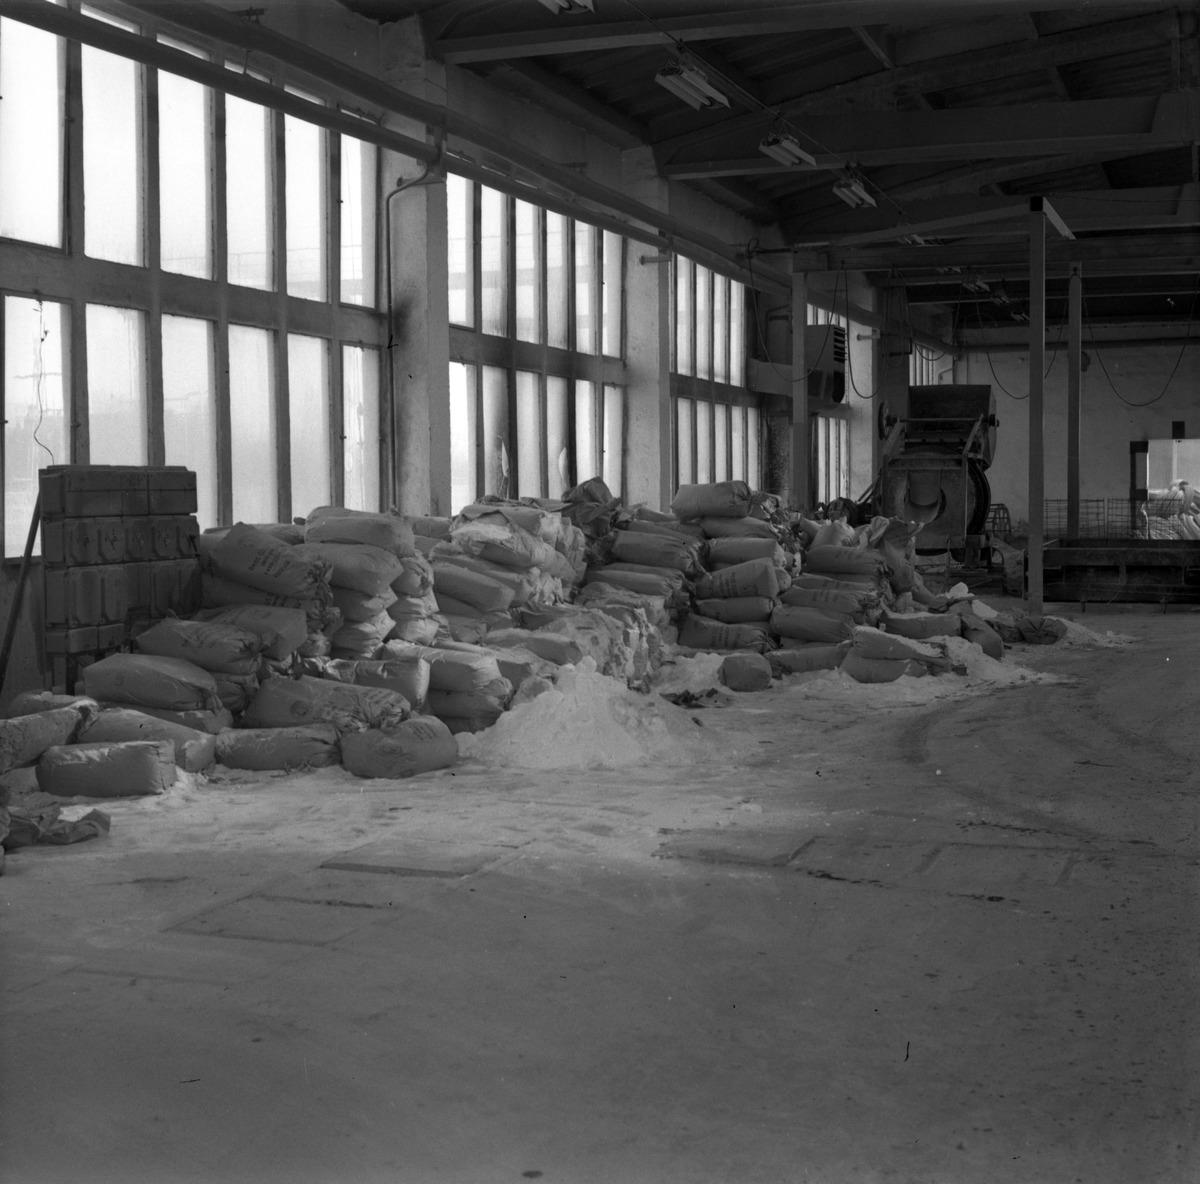 Zakład Produkcji Betonów w Wilkasach, 1975 r.